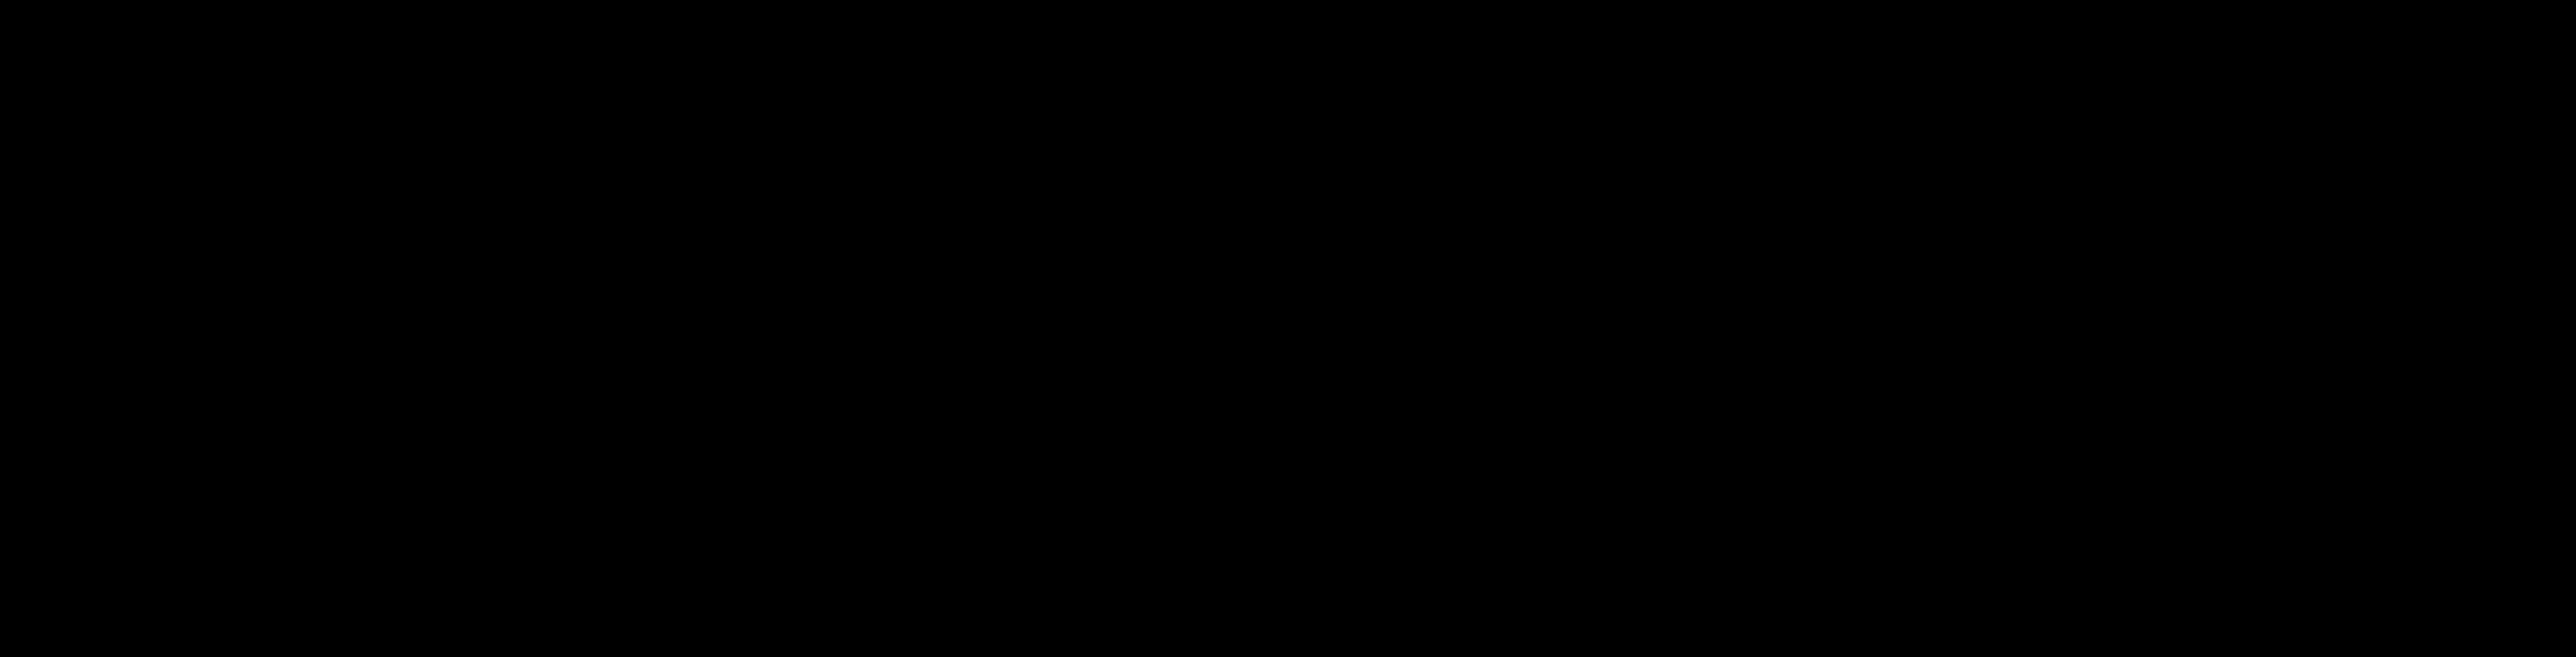 N2-t-Boc-N6-(biotinamido-6-N-caproylamido)-D-lysine